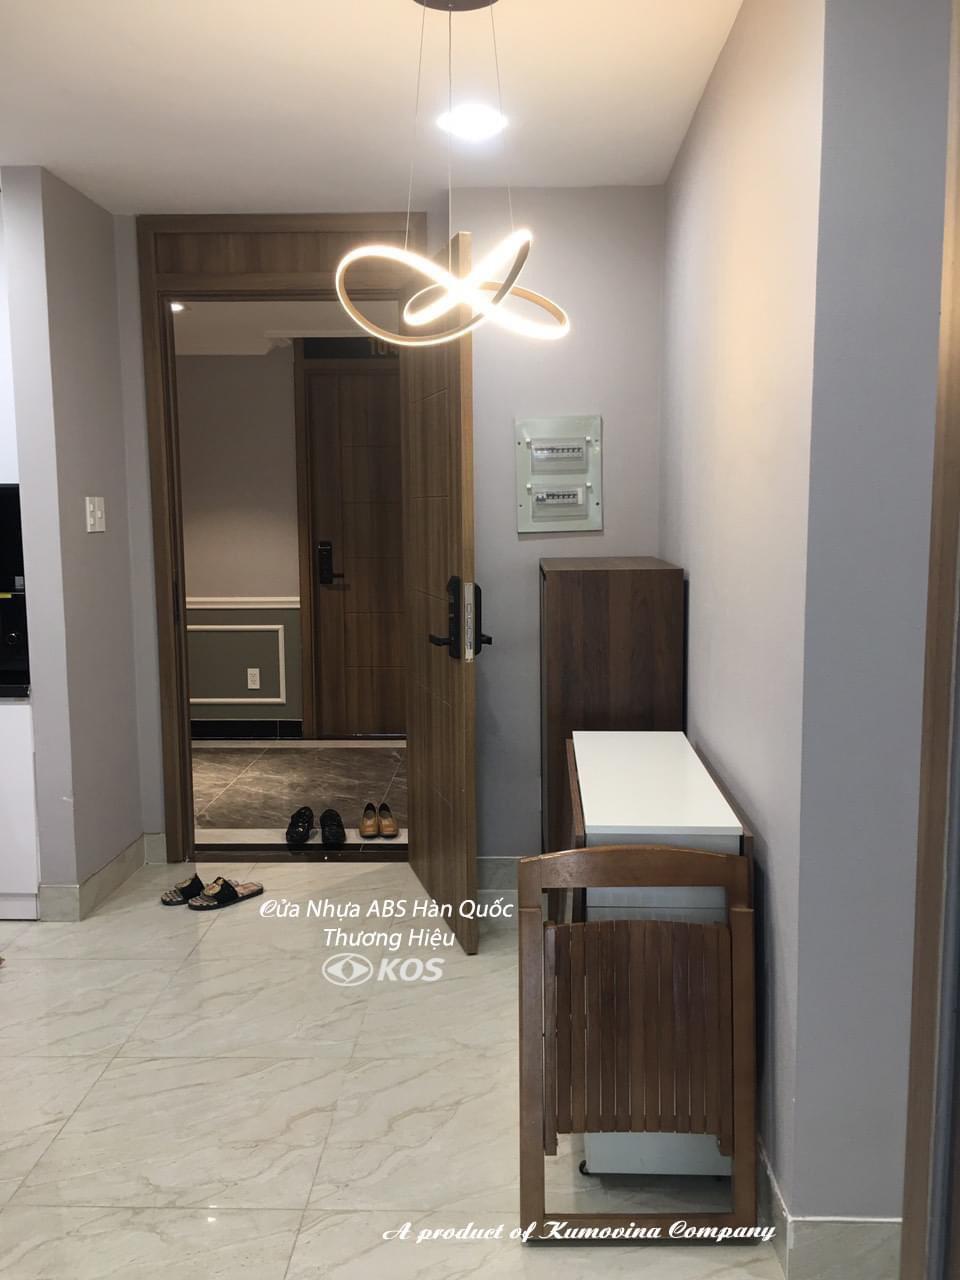 Cửa nhà vệ sinh cao cấp